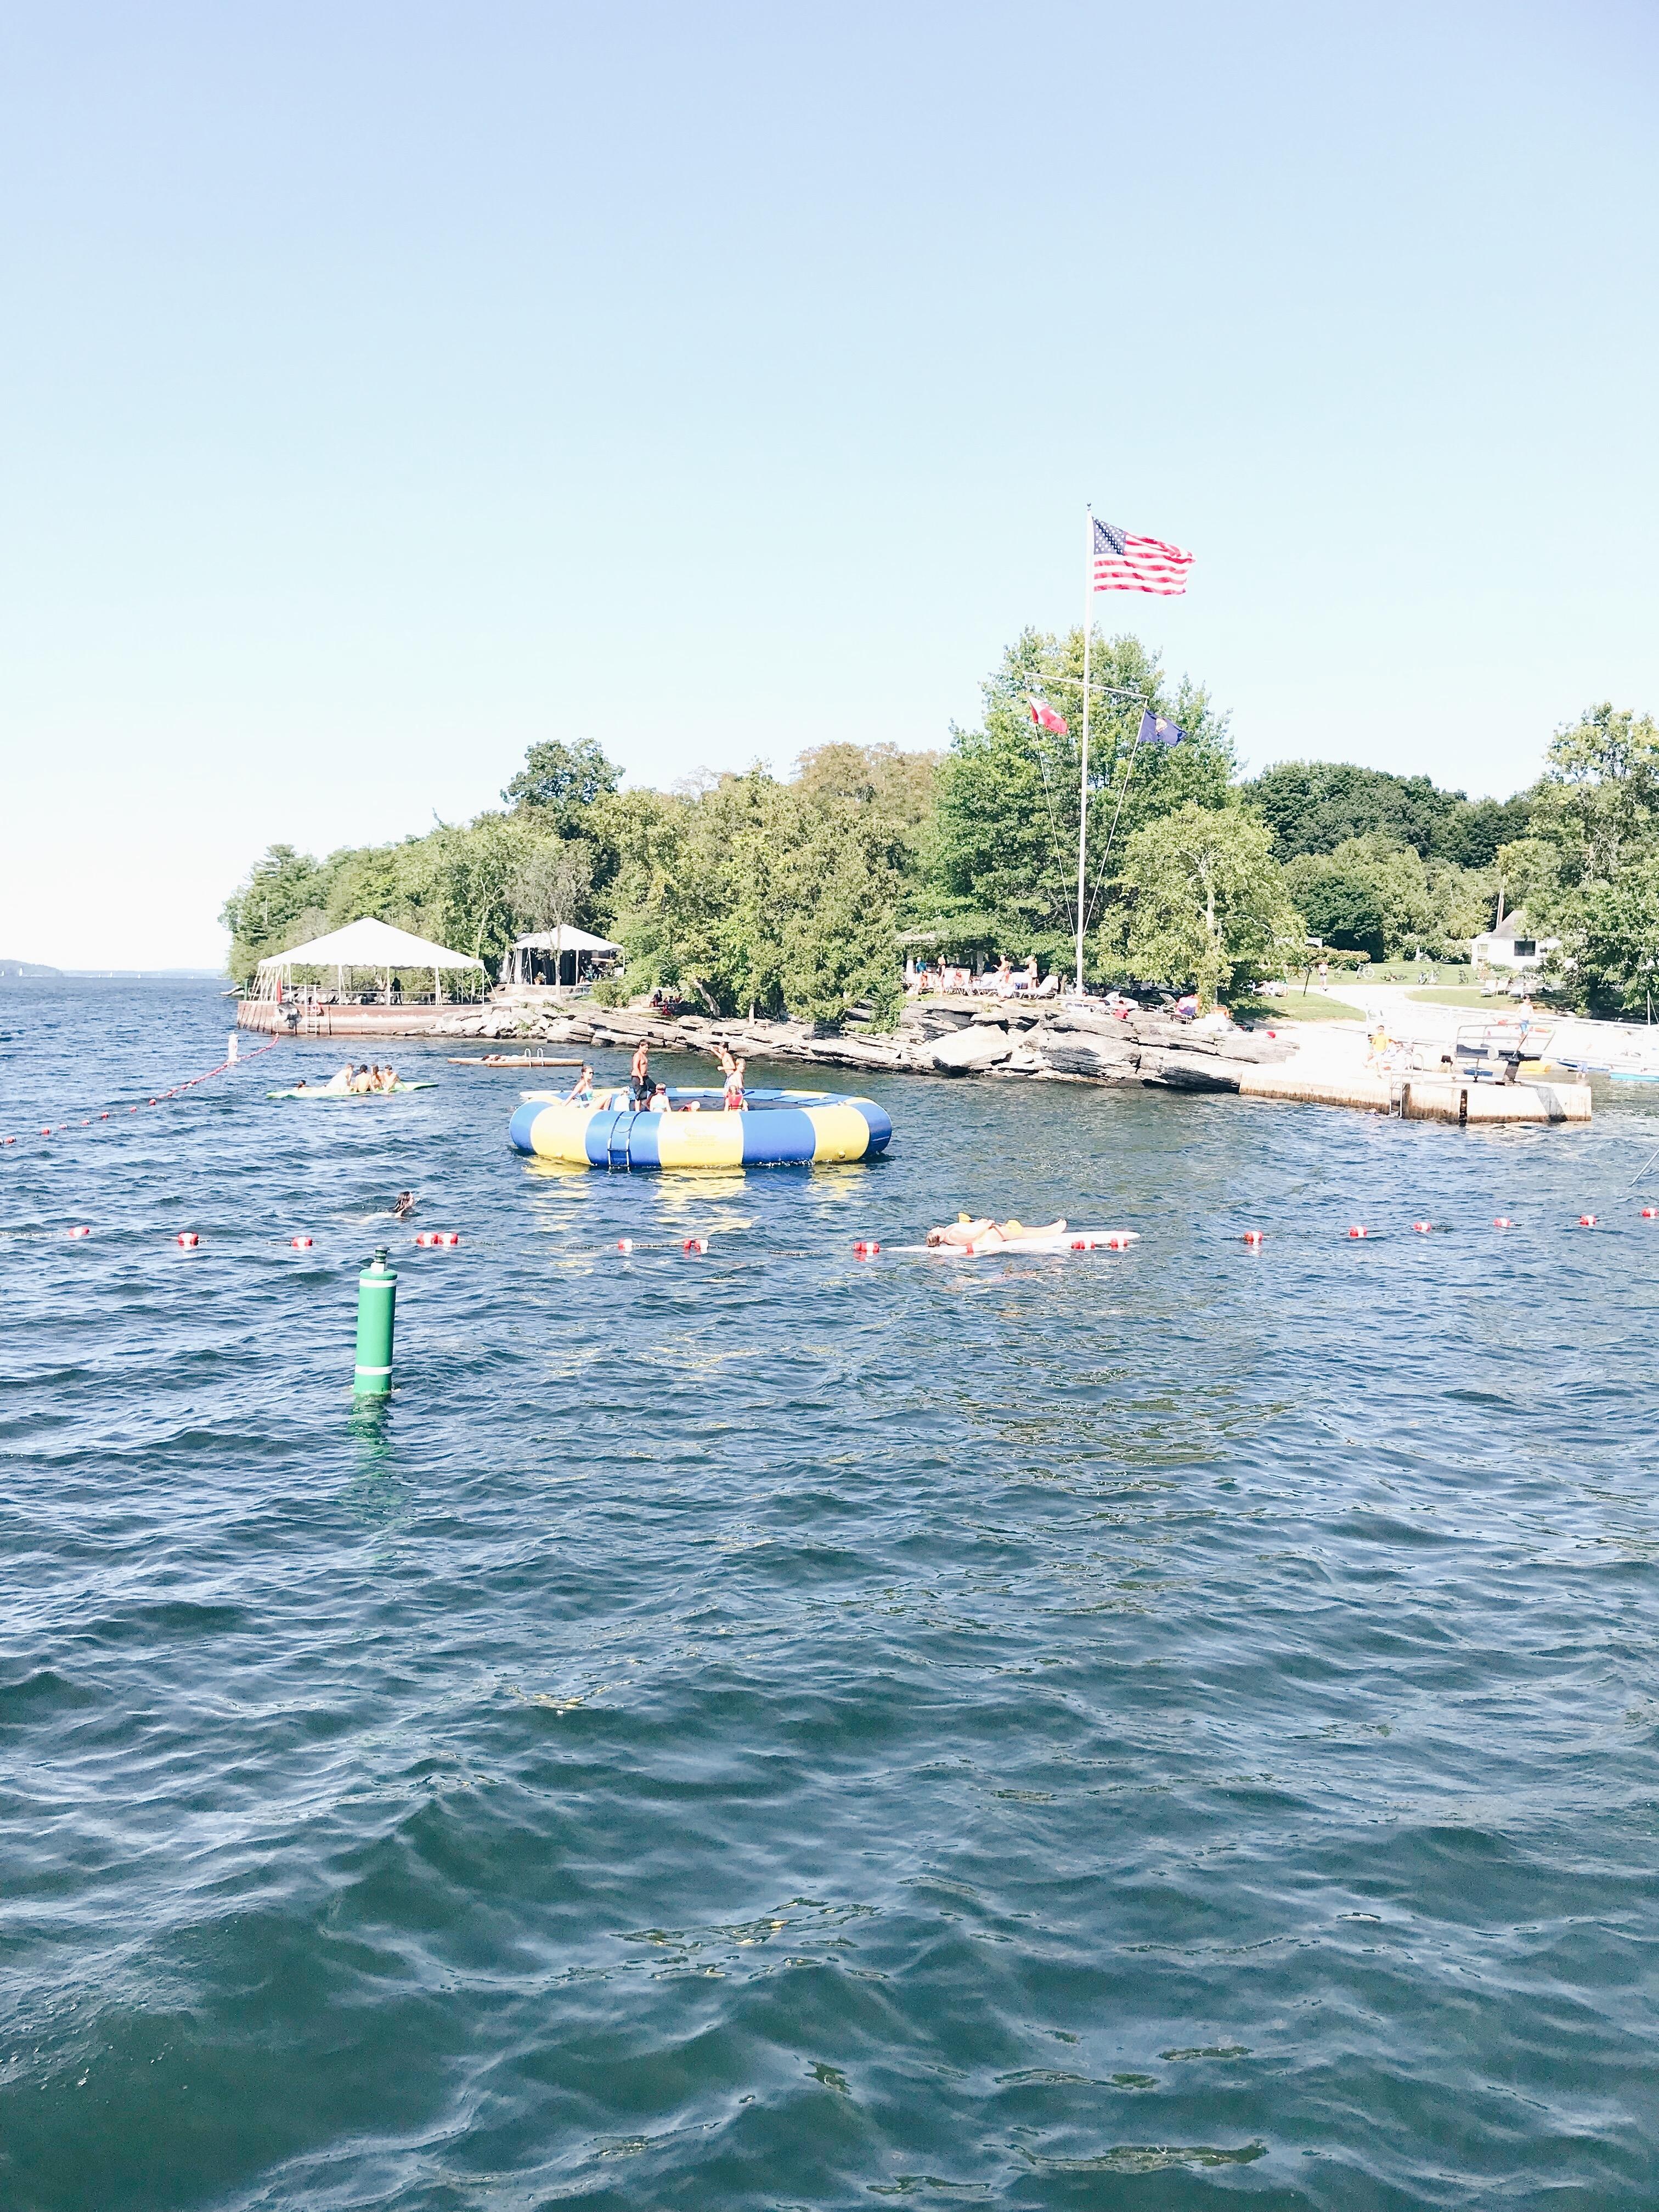 Basin Harbor Resort Review - Water Trampoline/Lake